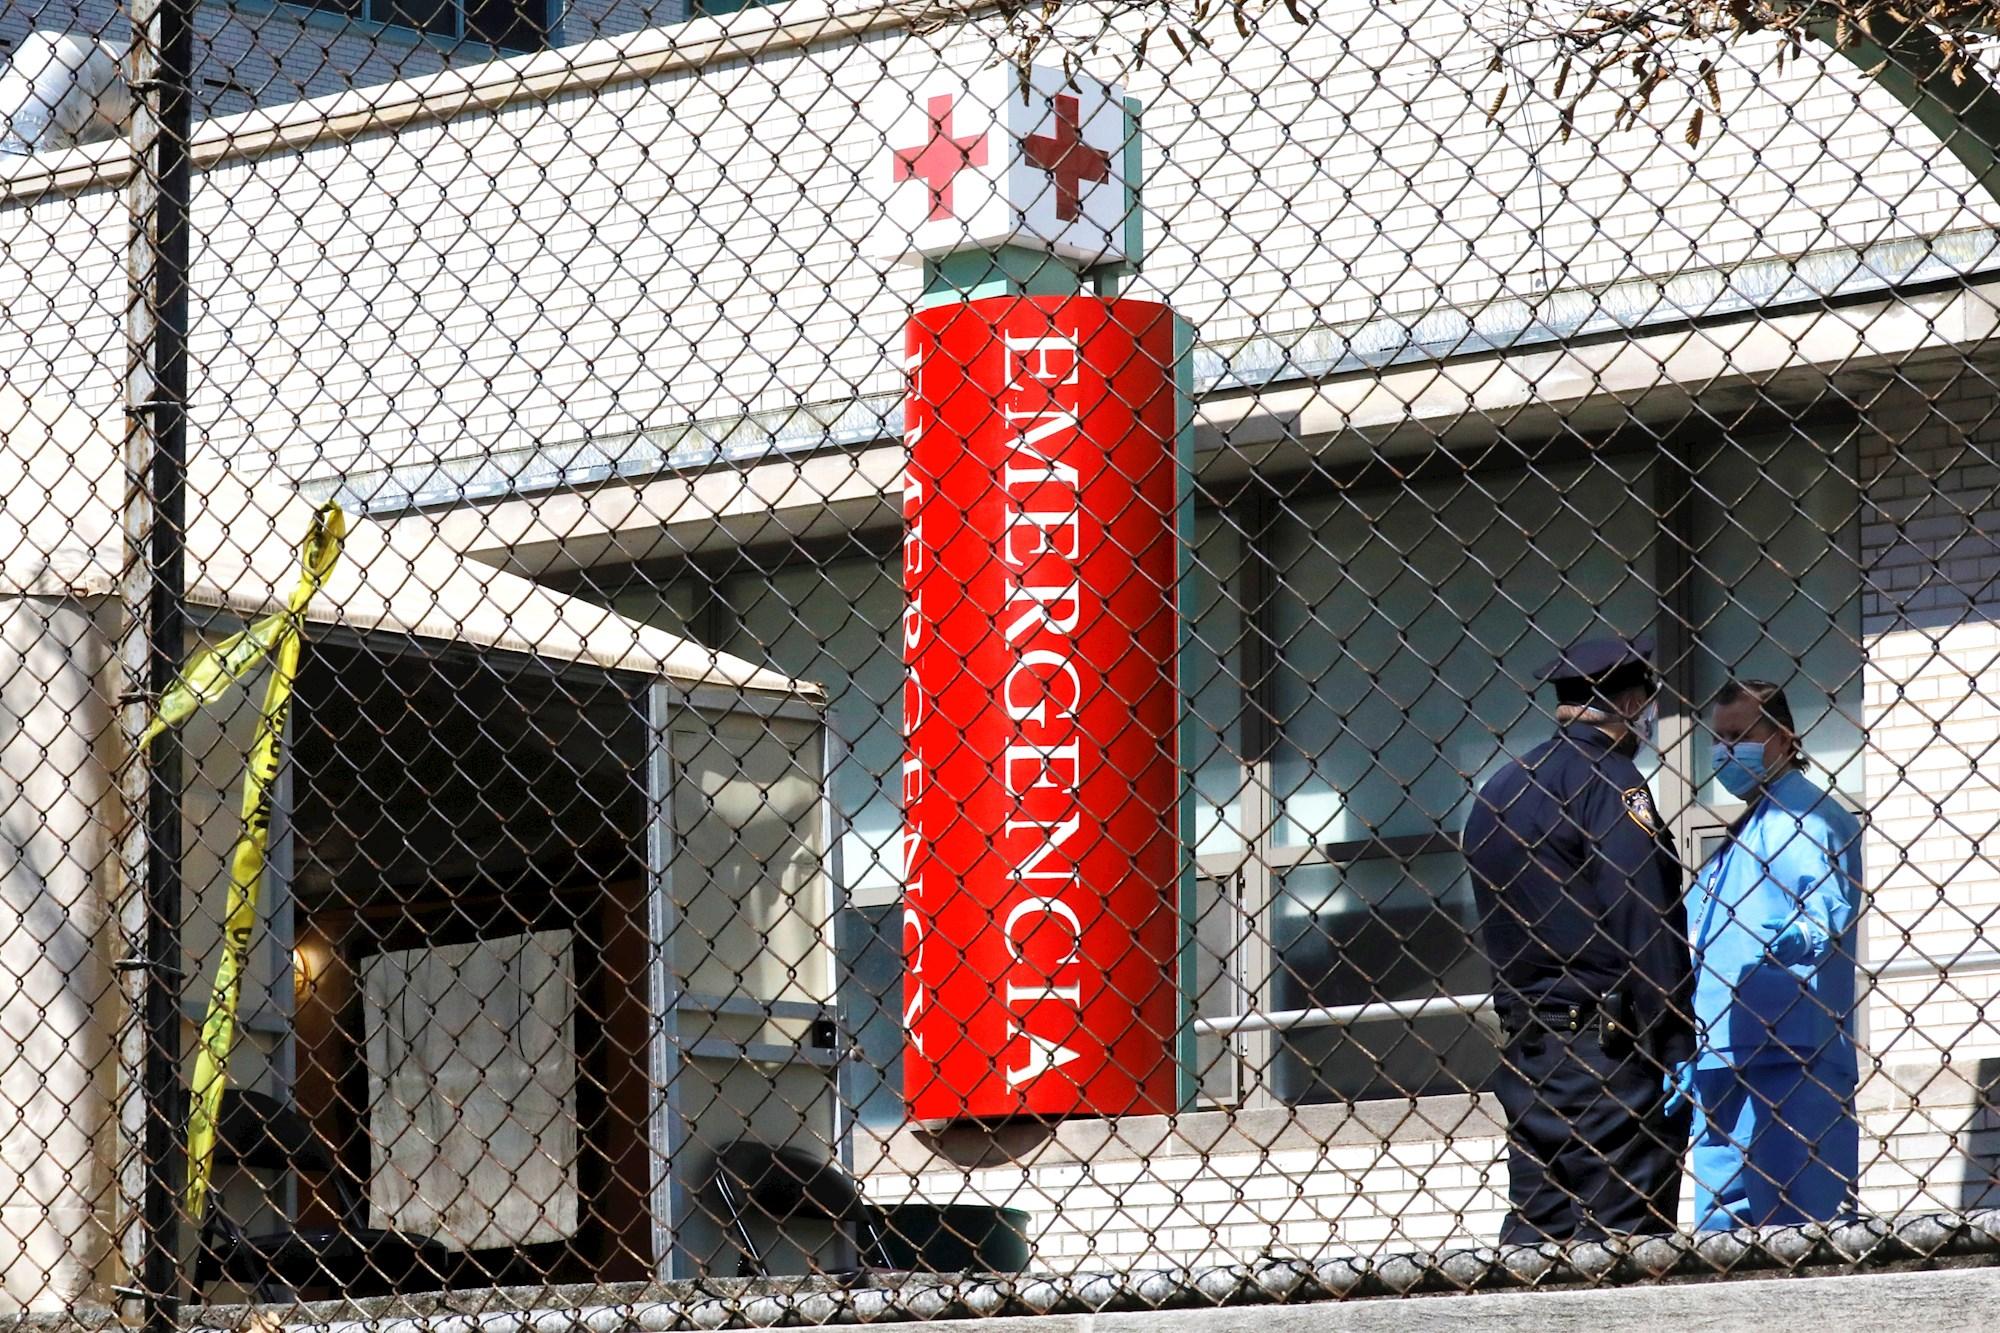 SALUD. Se erigió una carpa temporal fuera de la sala de emergencias en el Hospital Metropolitano de Nueva York, ciudad donde los servicios médicos comienzan a colapsar, el 26 de marzo de 2020. | Foto: Efe/Peter Foley.